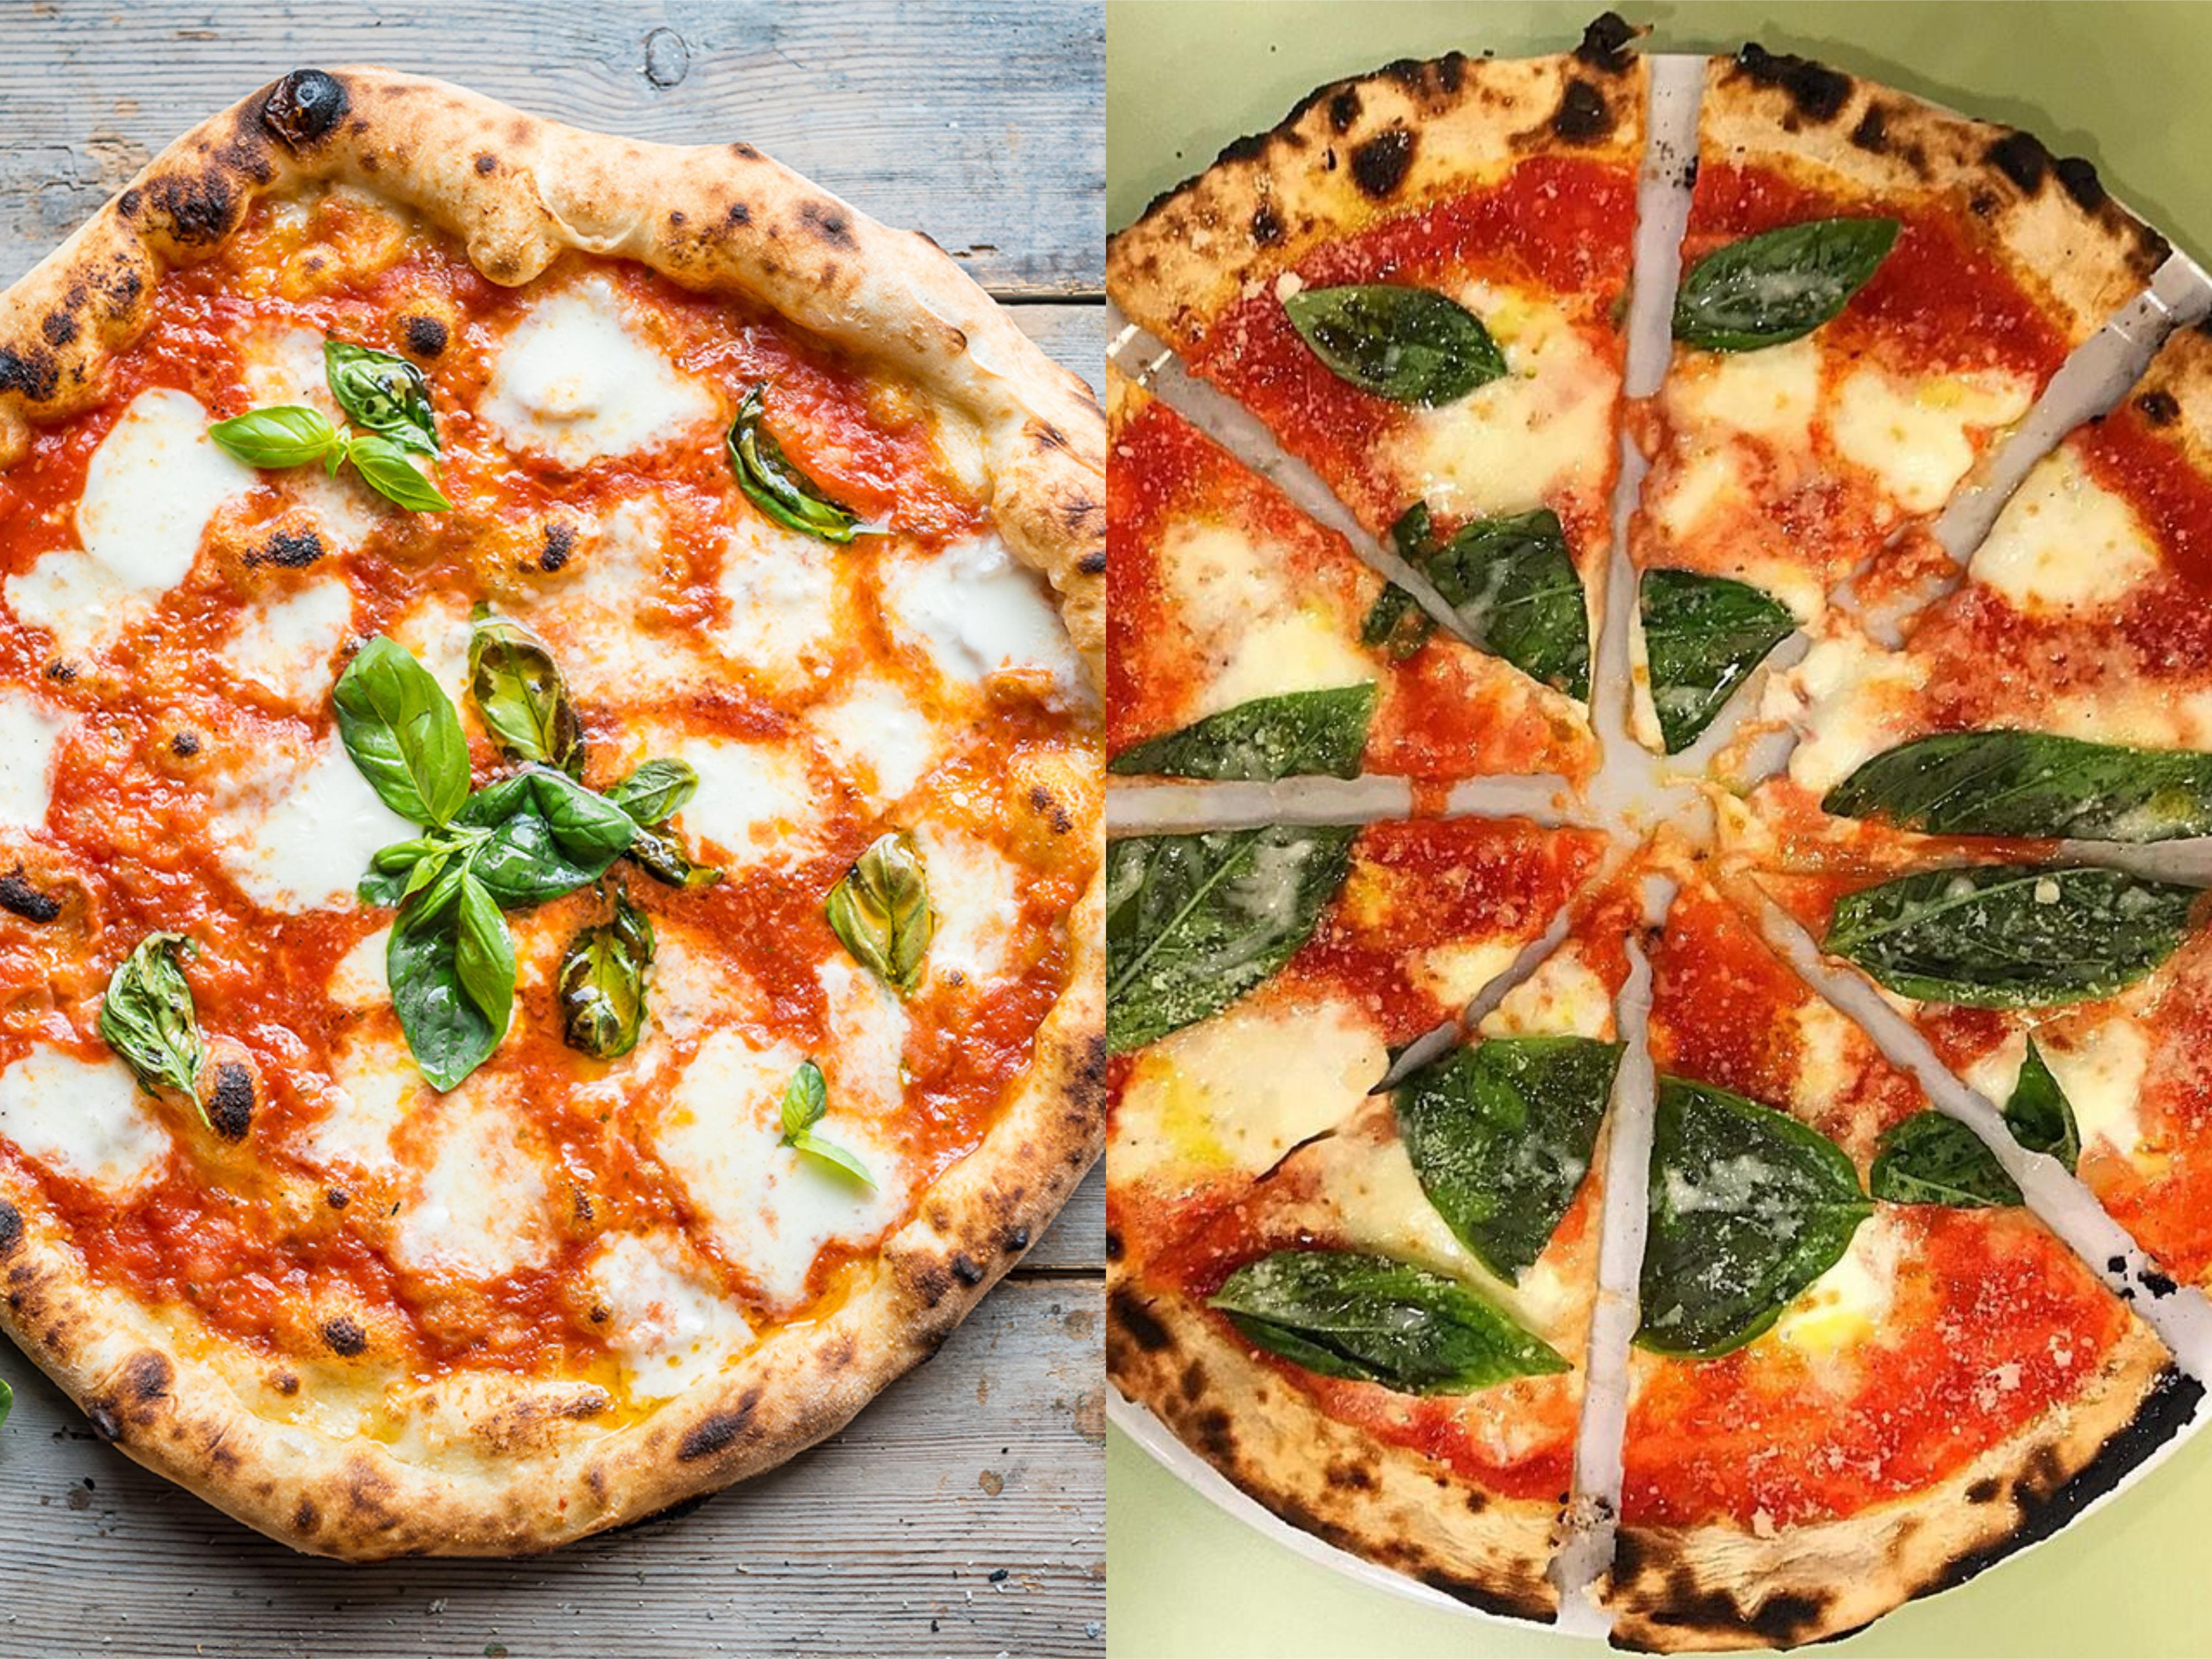 Quali sono le differenze fra pizza napoletana e pizza